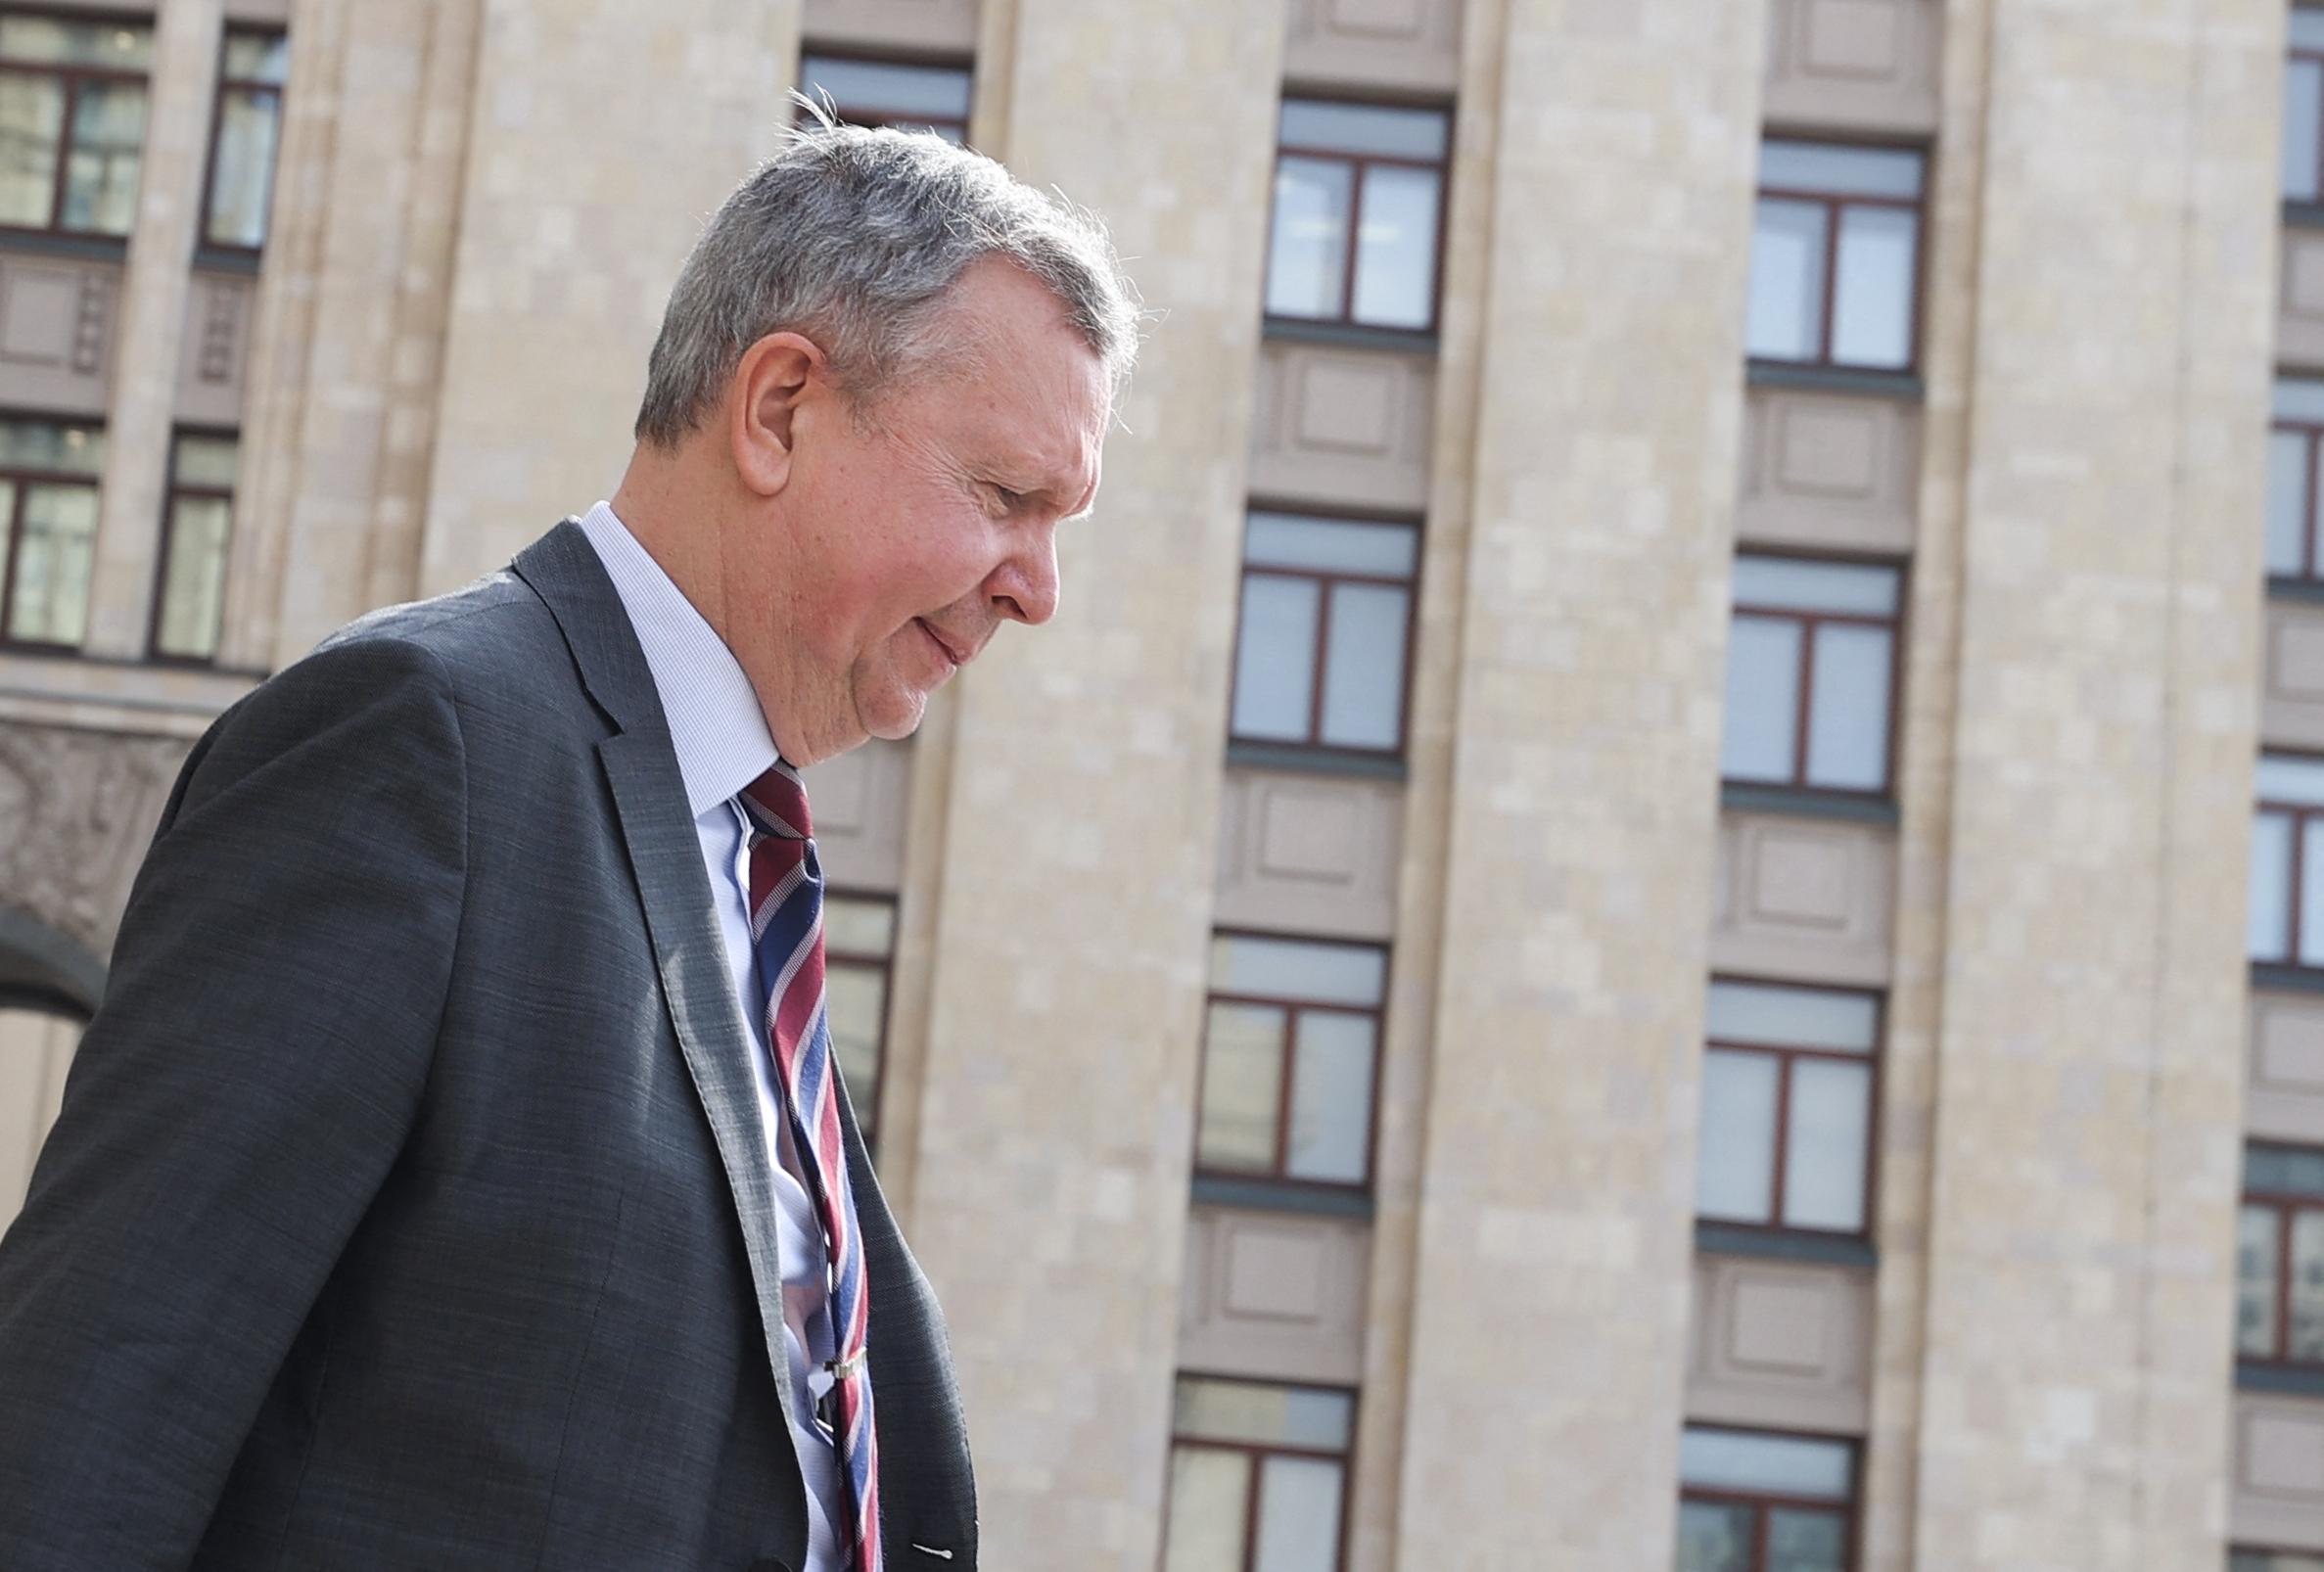 Folytatódik a kiutasítási botrány: Oroszország kiutasította az észt nagykövetség egyik alkalmazottját